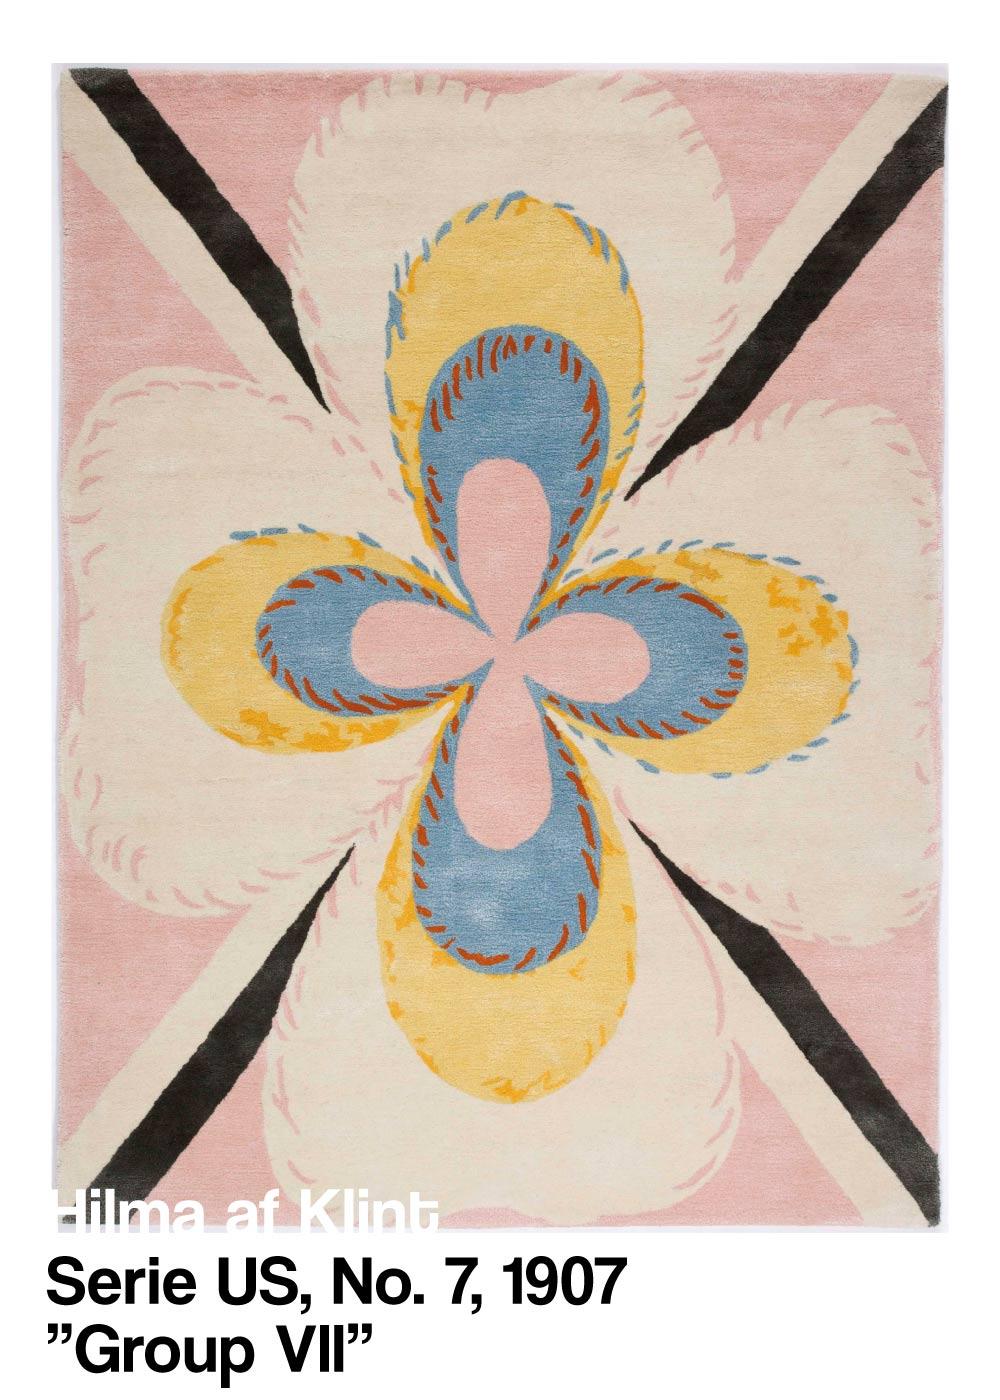 Serie US No. 7 - Hilma af Klint kunstplakat